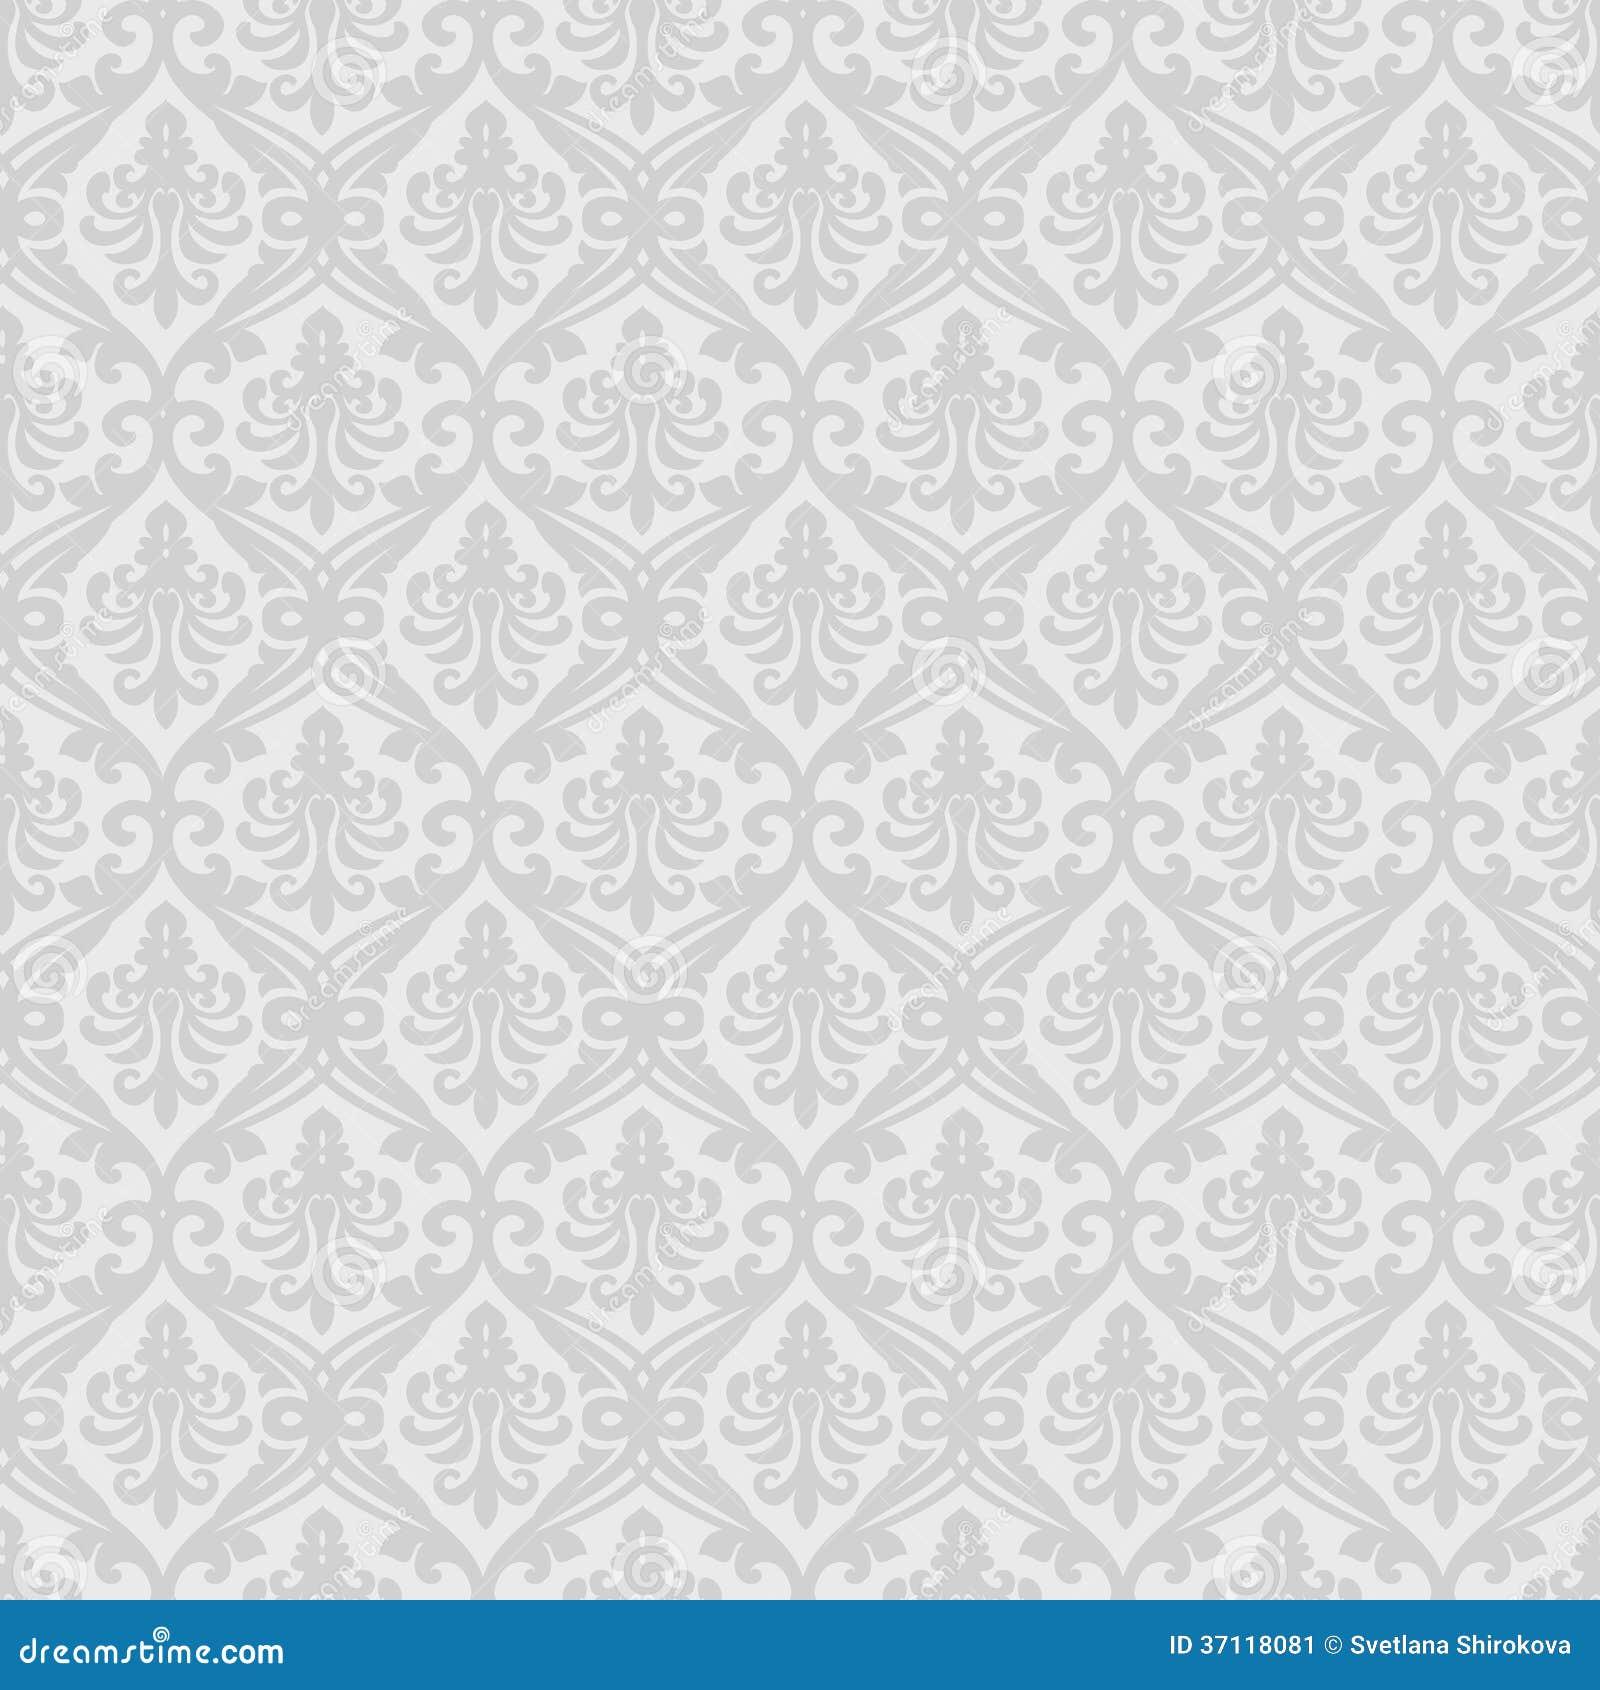 White Seamless Background White Seamless Royal B...